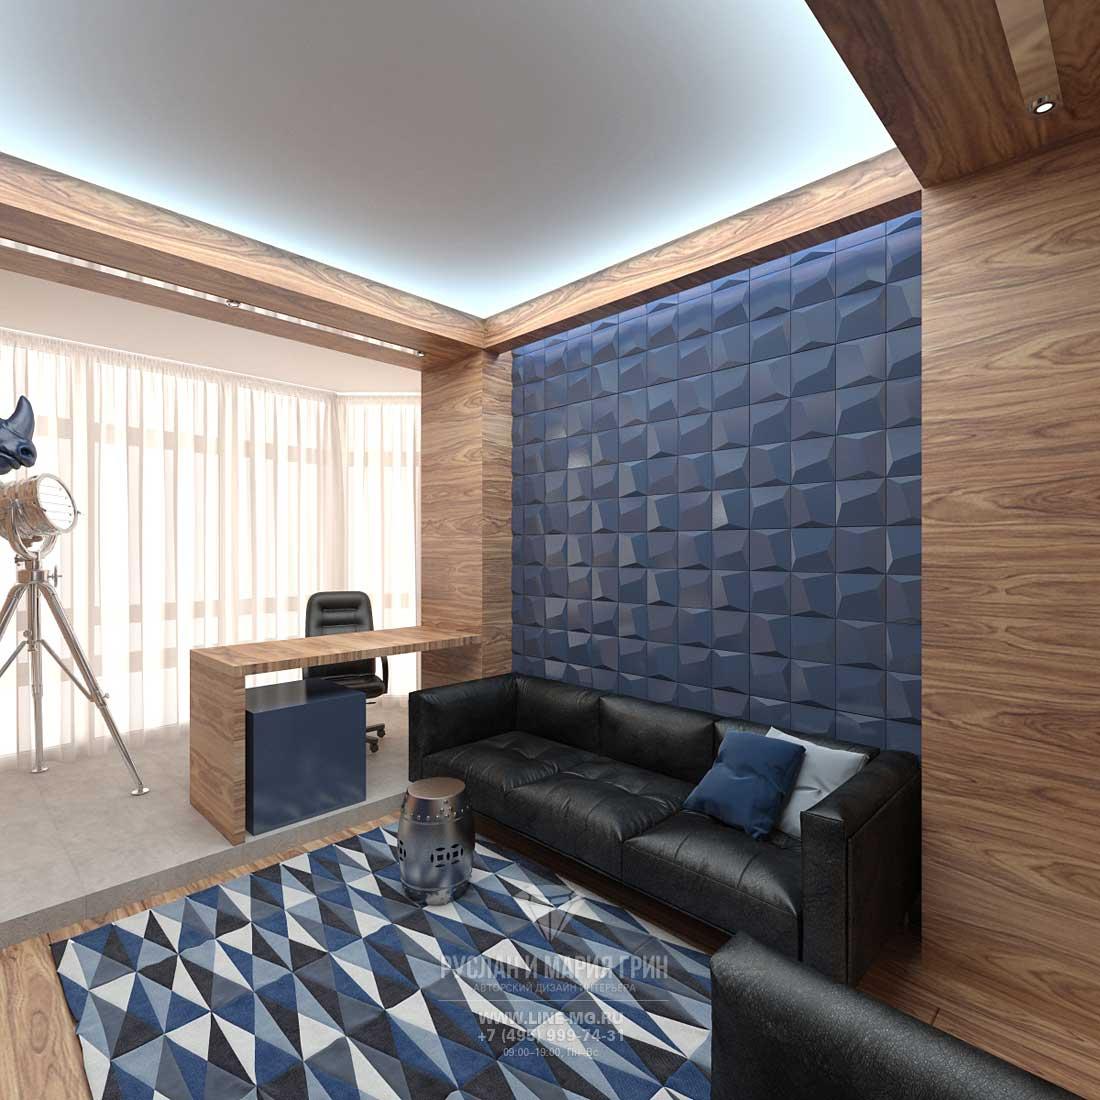 Элитный ремонт квартиры в Москве. Фото кабинета в стиле минимализм